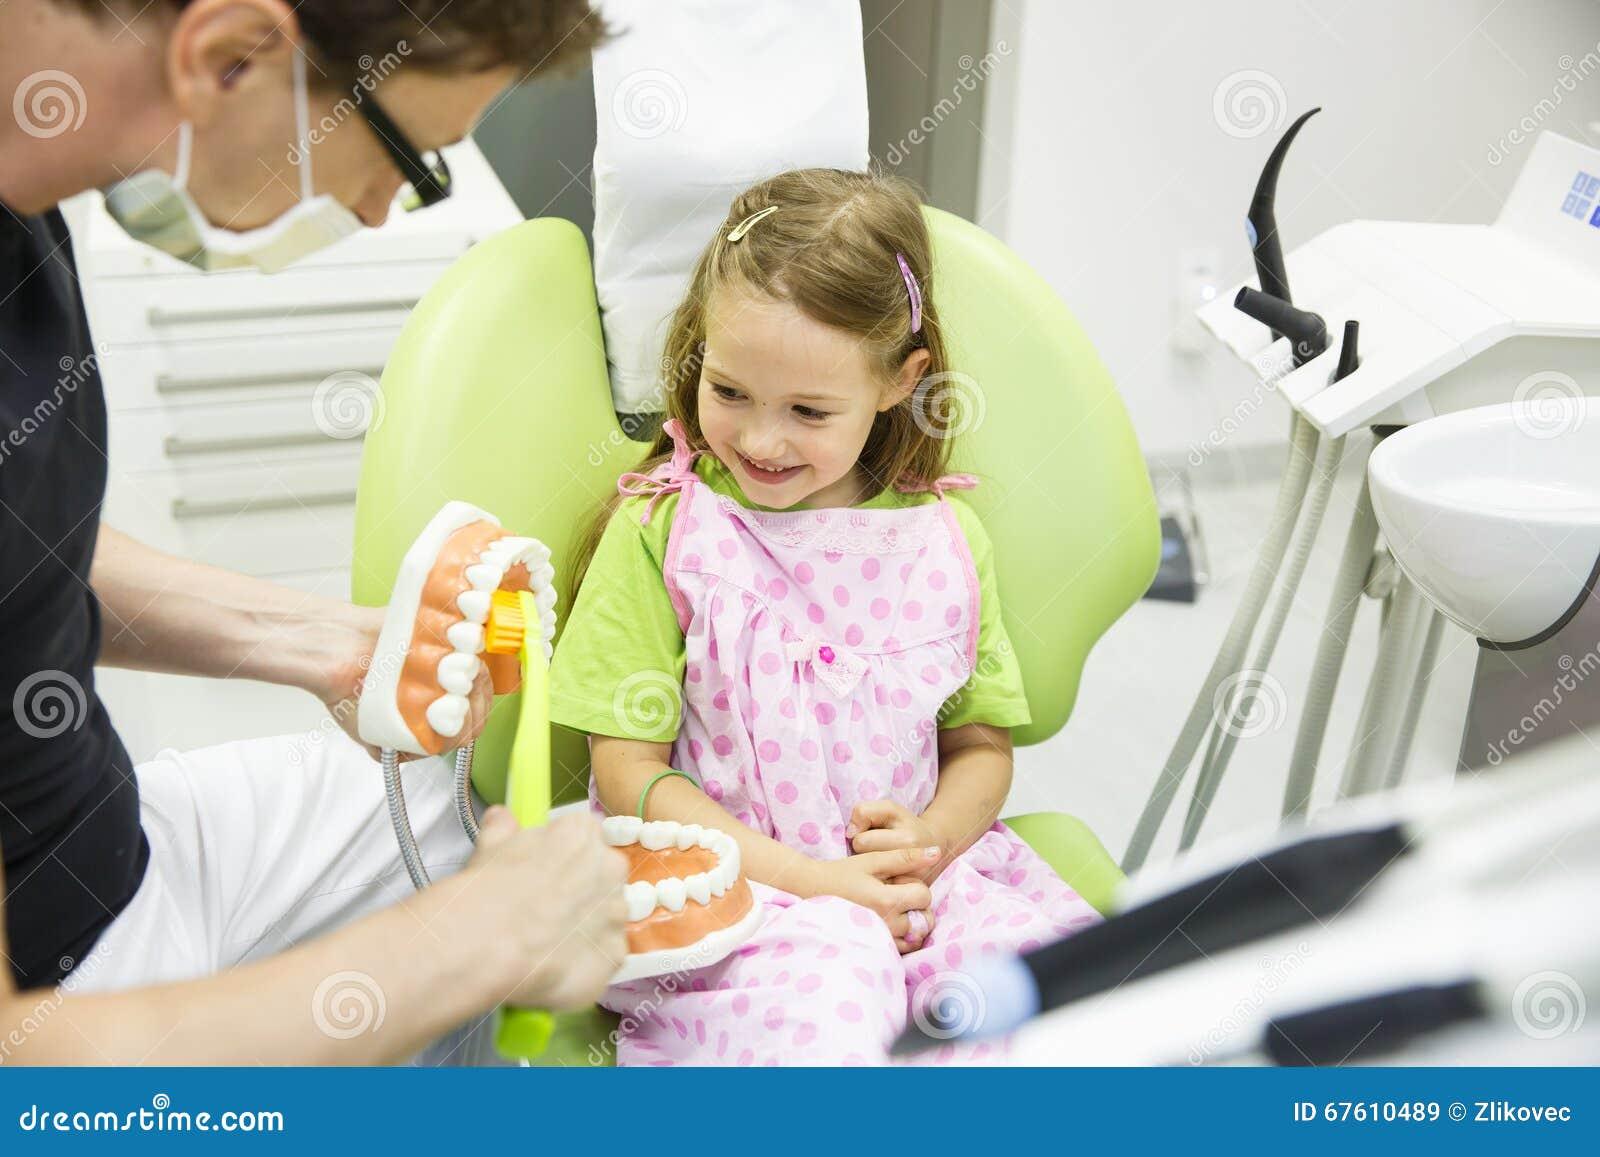 Dentiste balayant un modèle dentaire